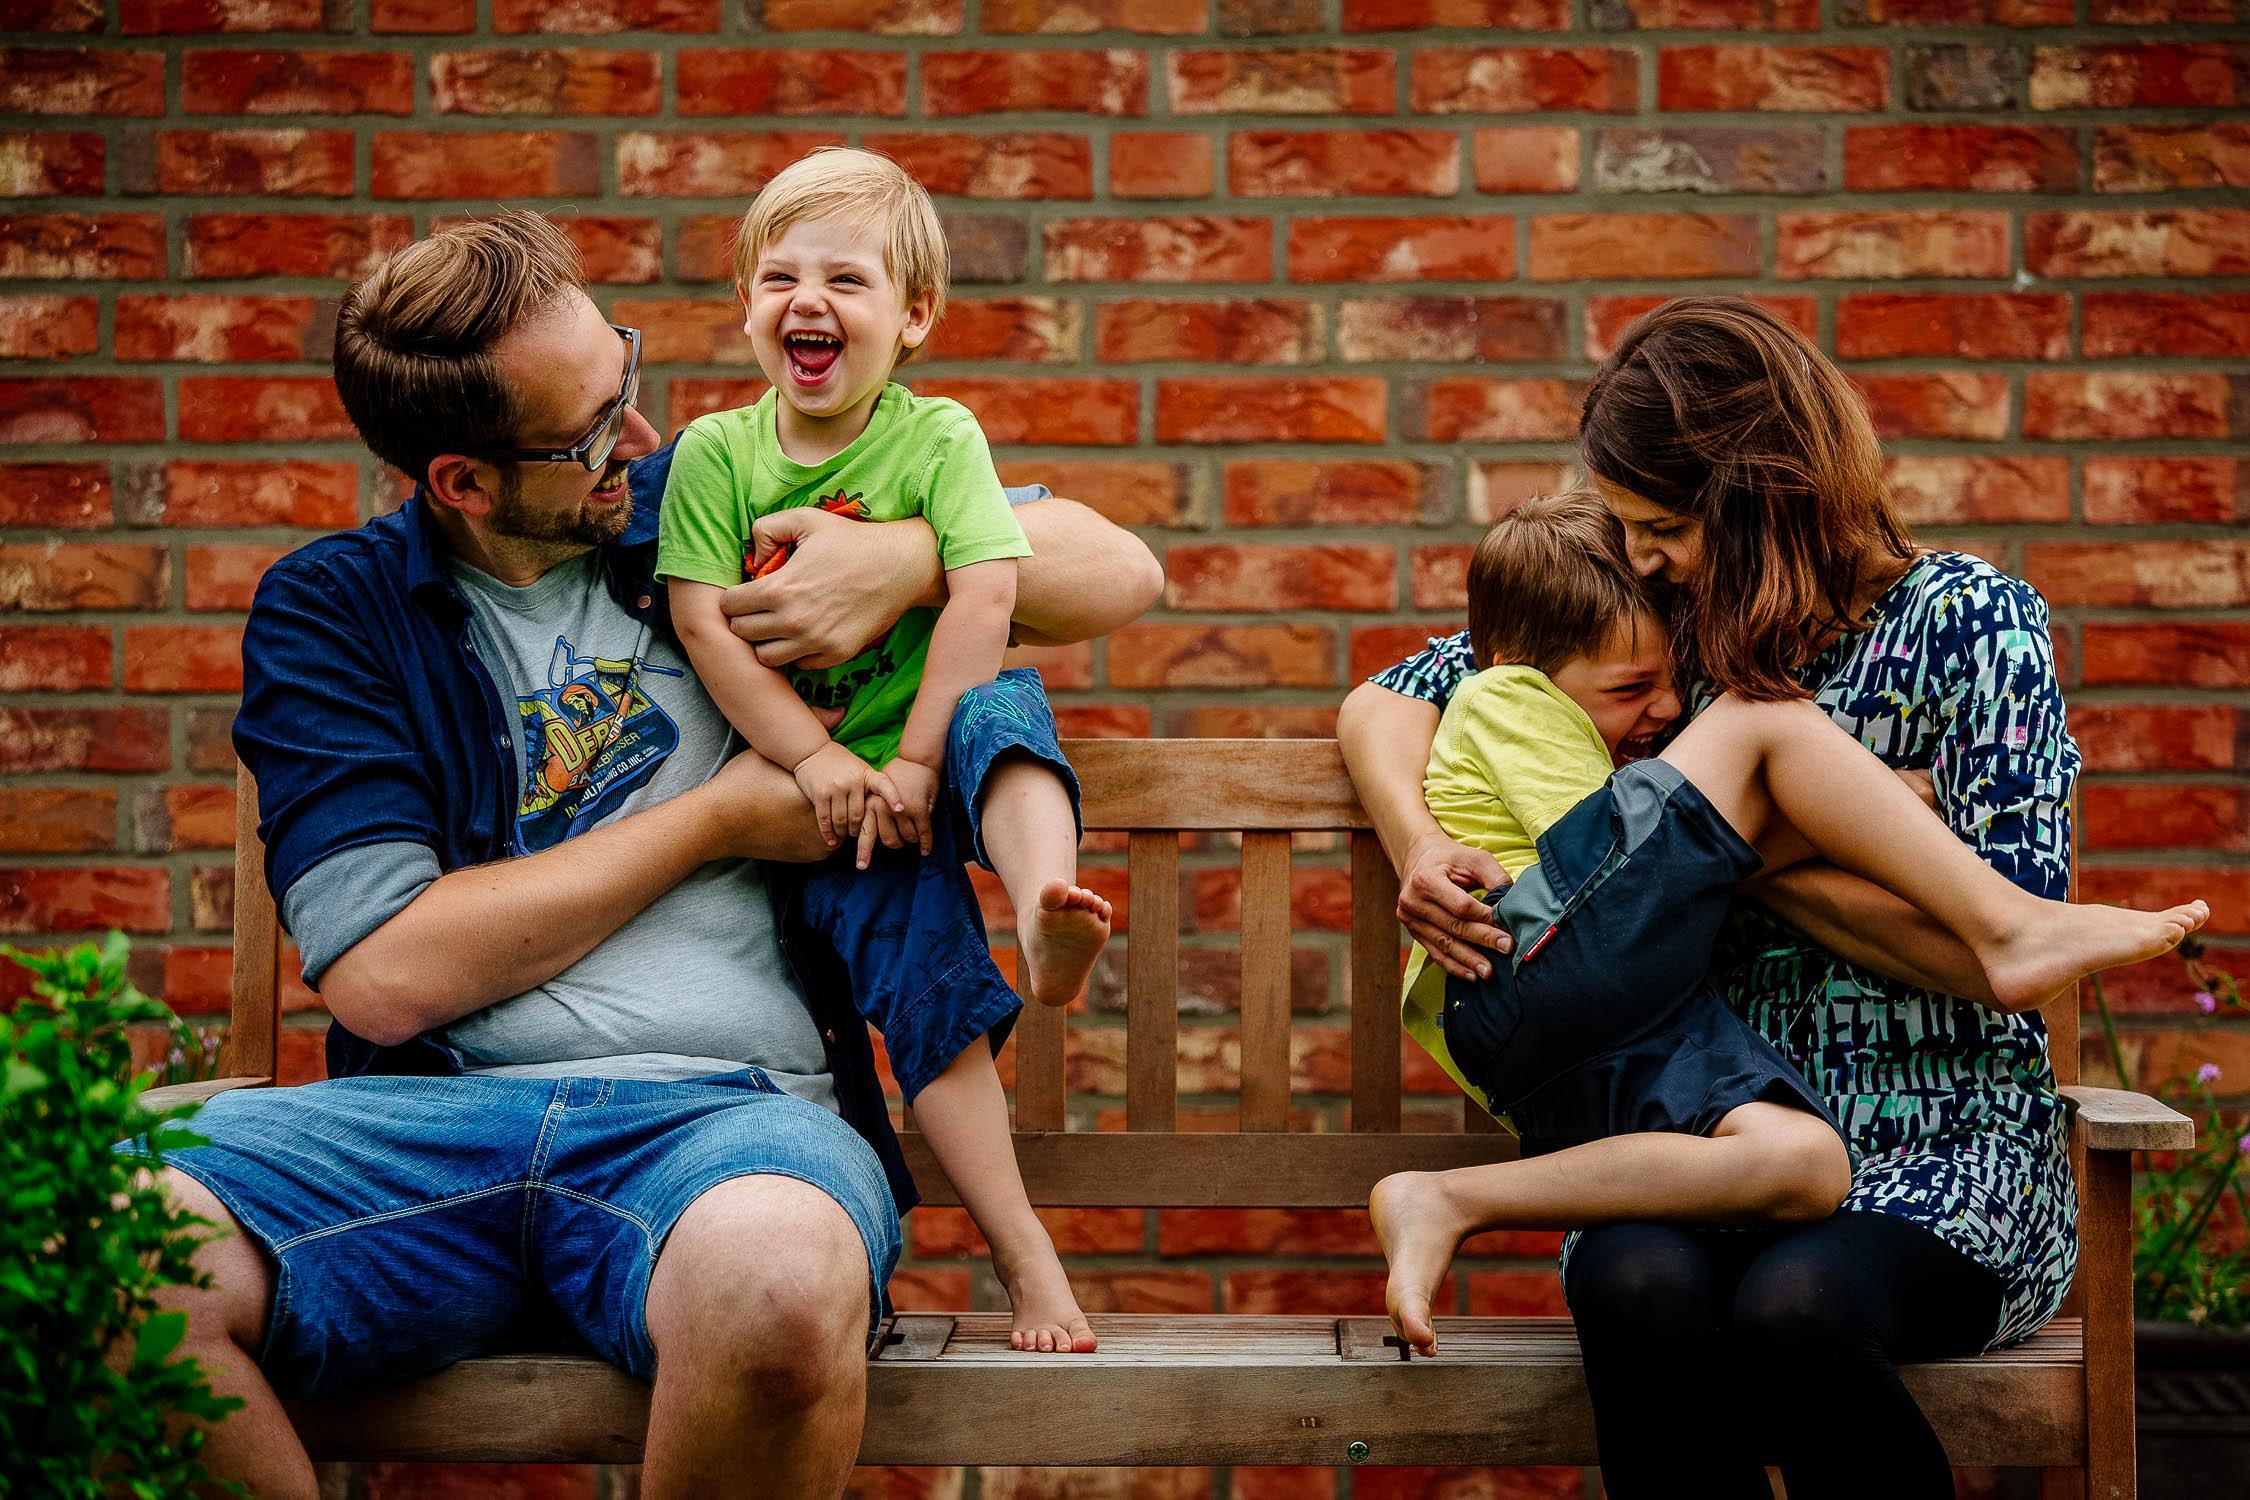 Familienbilder vom Familienfotografen im eigenen Garten